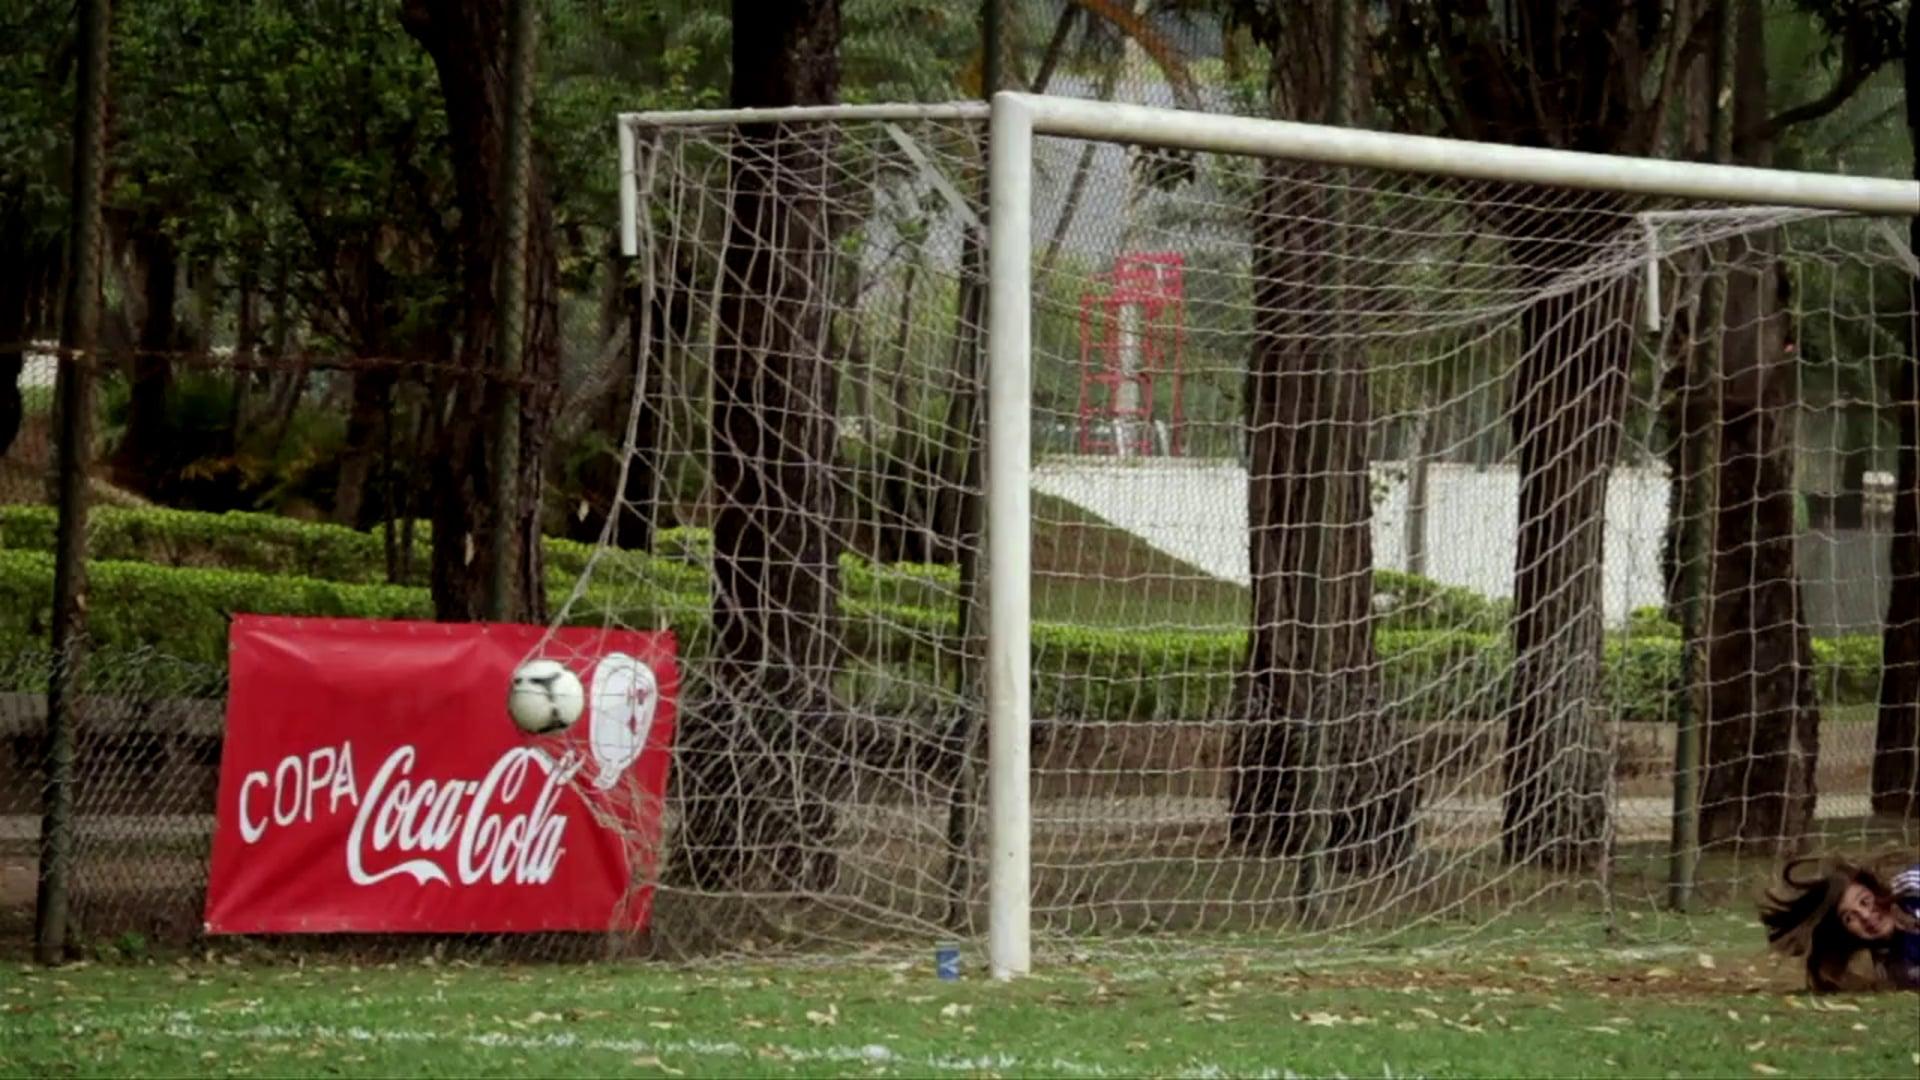 Copa Coca-Cola  - Futebol Moleque - São Paulo